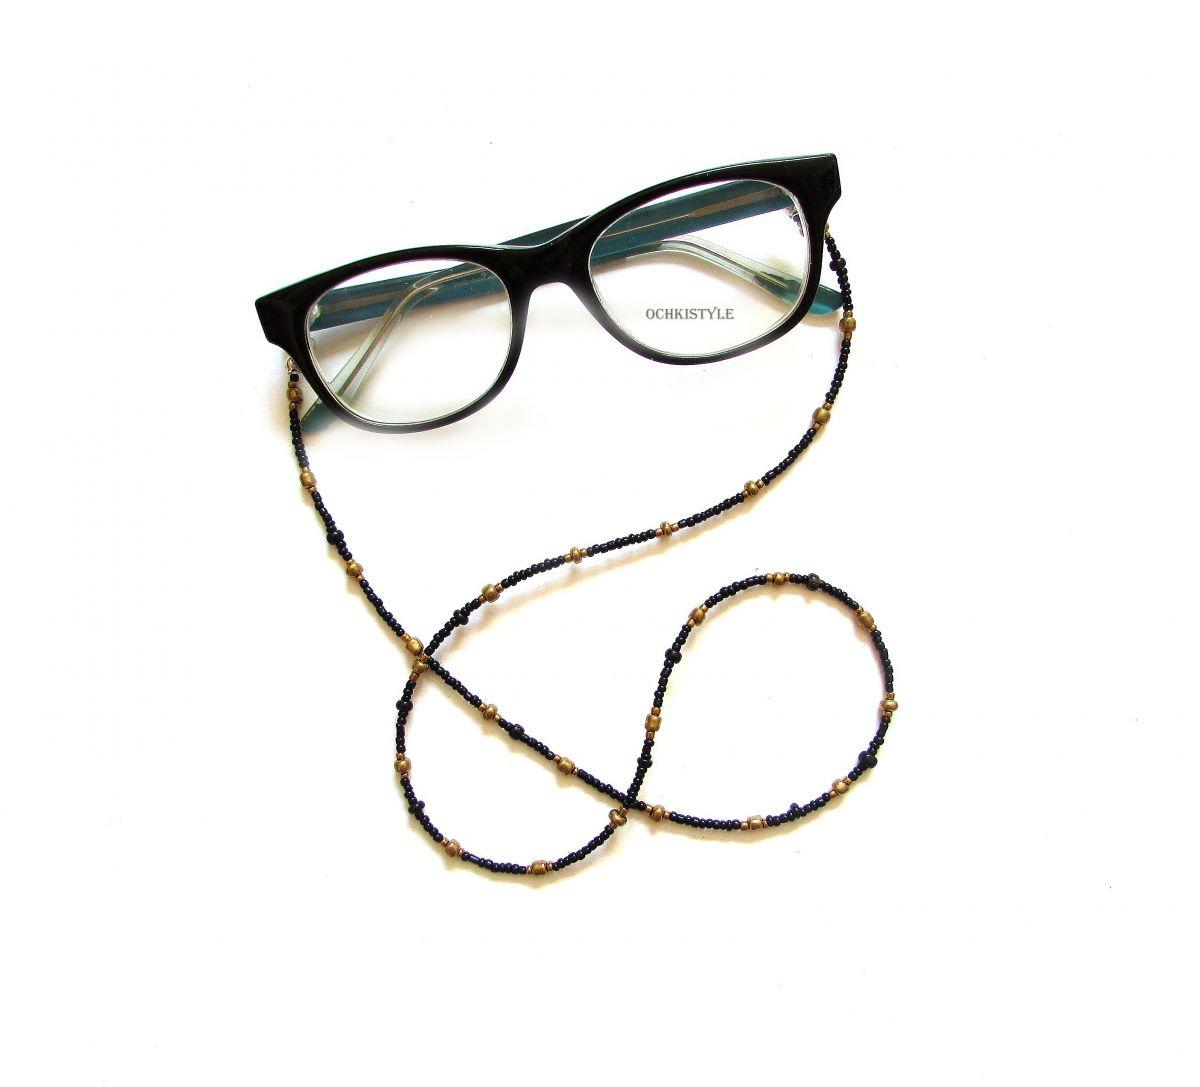 Цепочка для очков №38 Украшение на очки